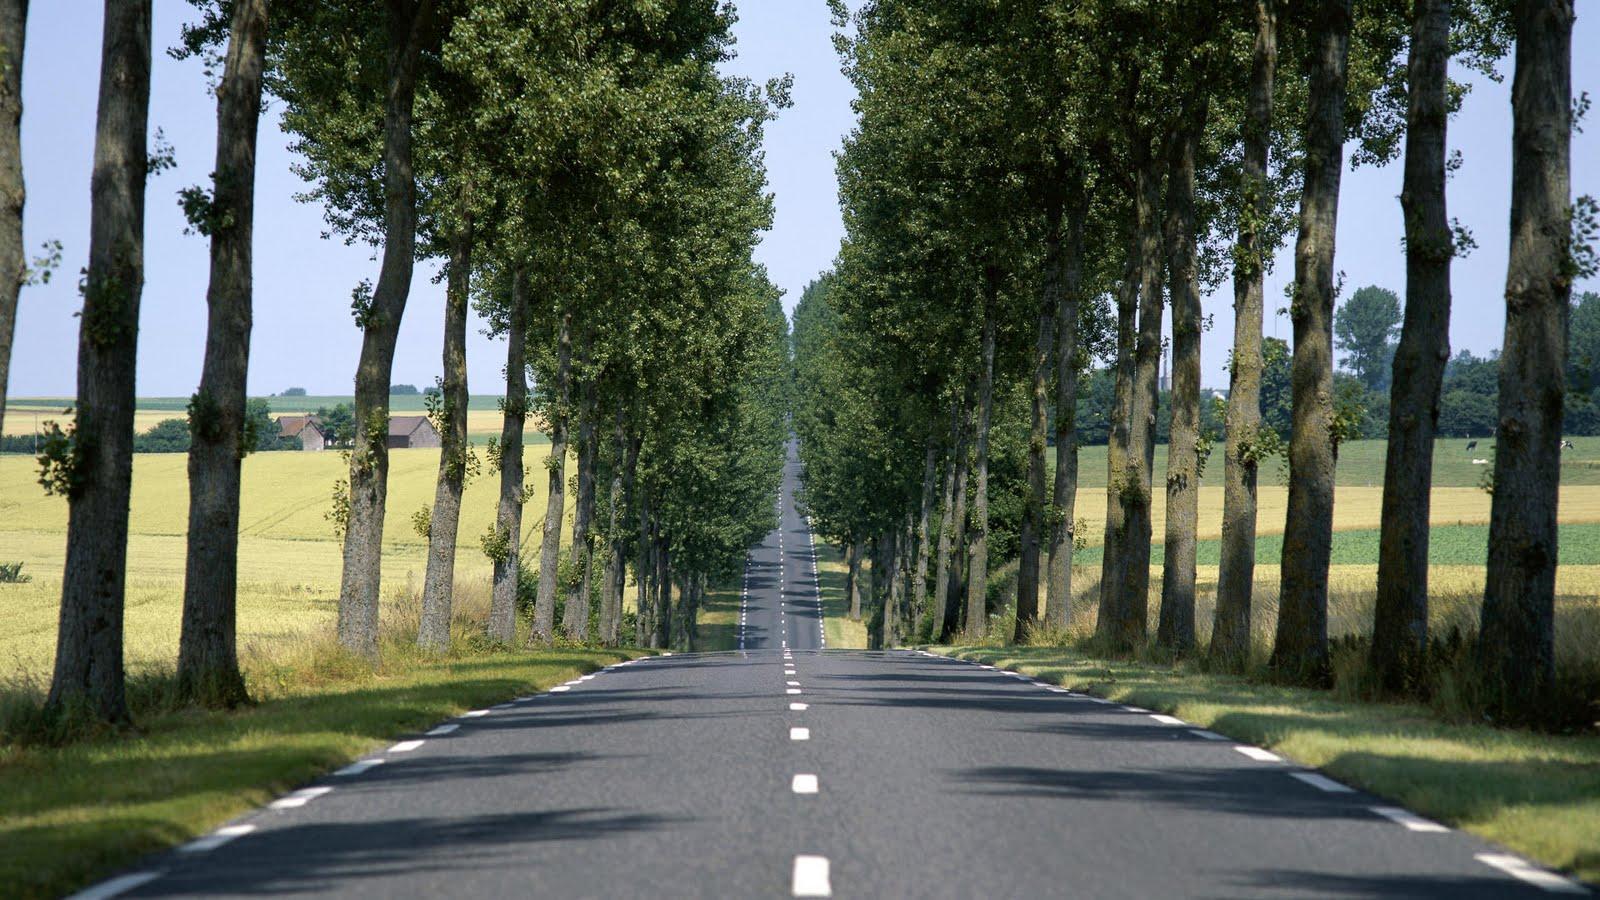 http://2.bp.blogspot.com/-zvkMI29jePs/TkEkogiL2OI/AAAAAAAAAOk/5fbbjygRufY/s1600/A-New-Perspective.jpg